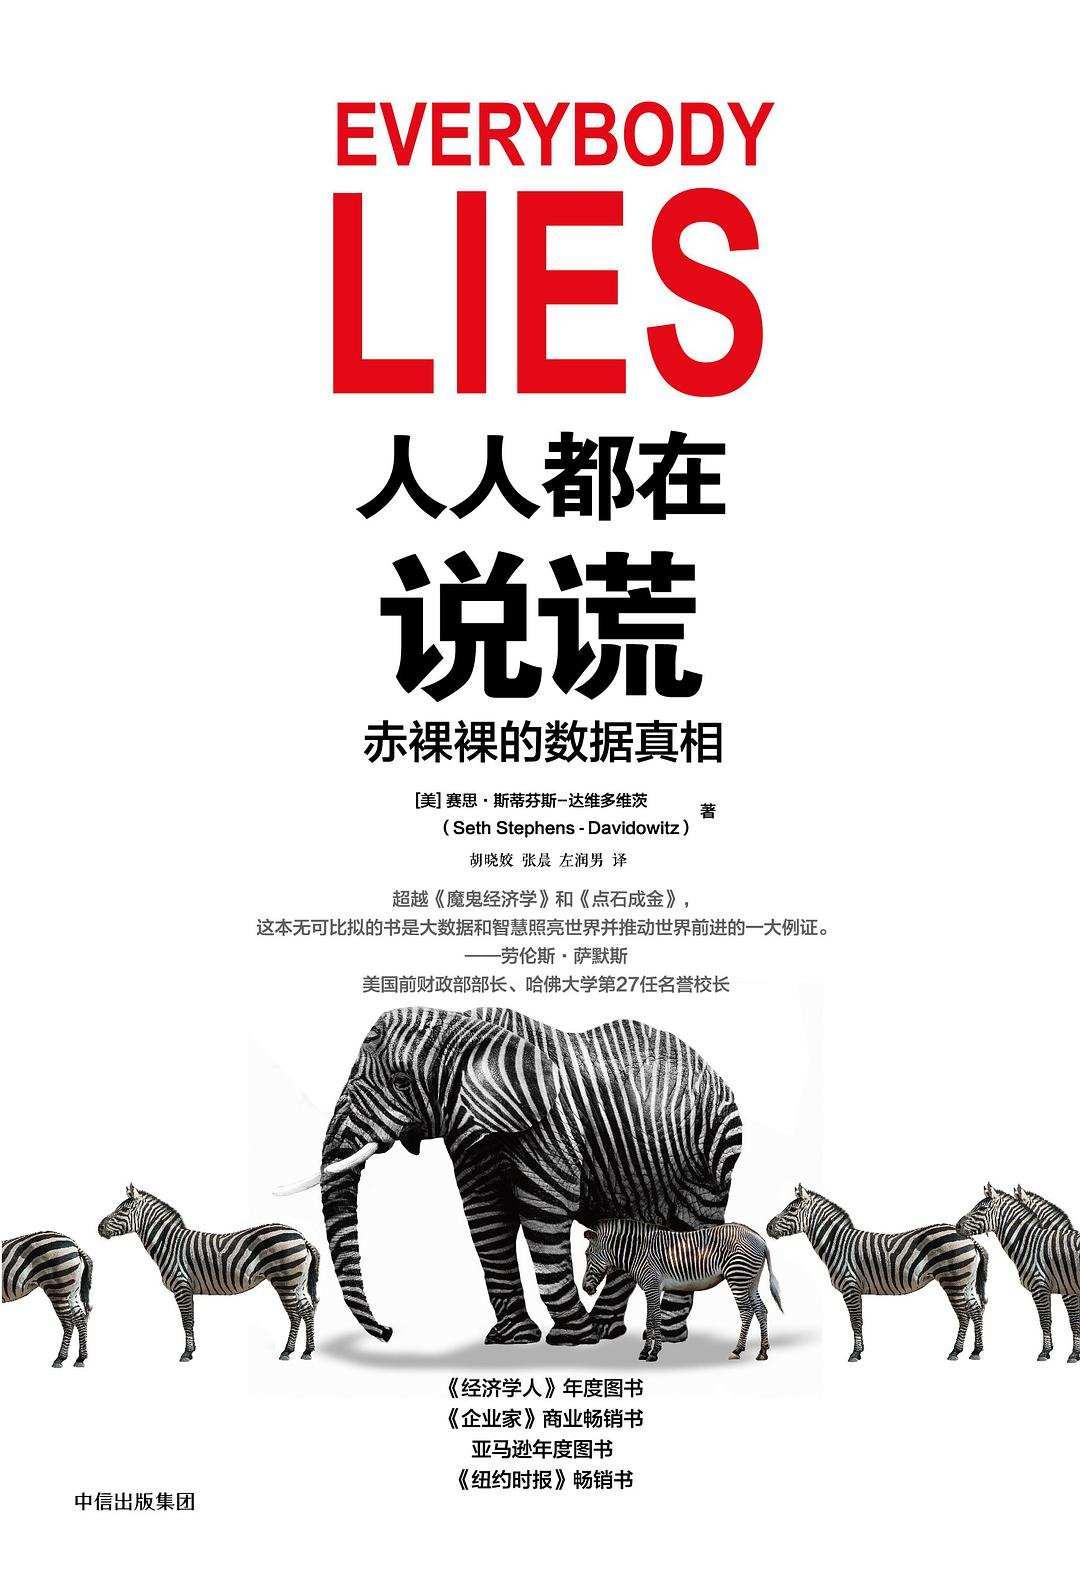 36氪周末副刊vol.5|大数据时代下,人人都在说谎